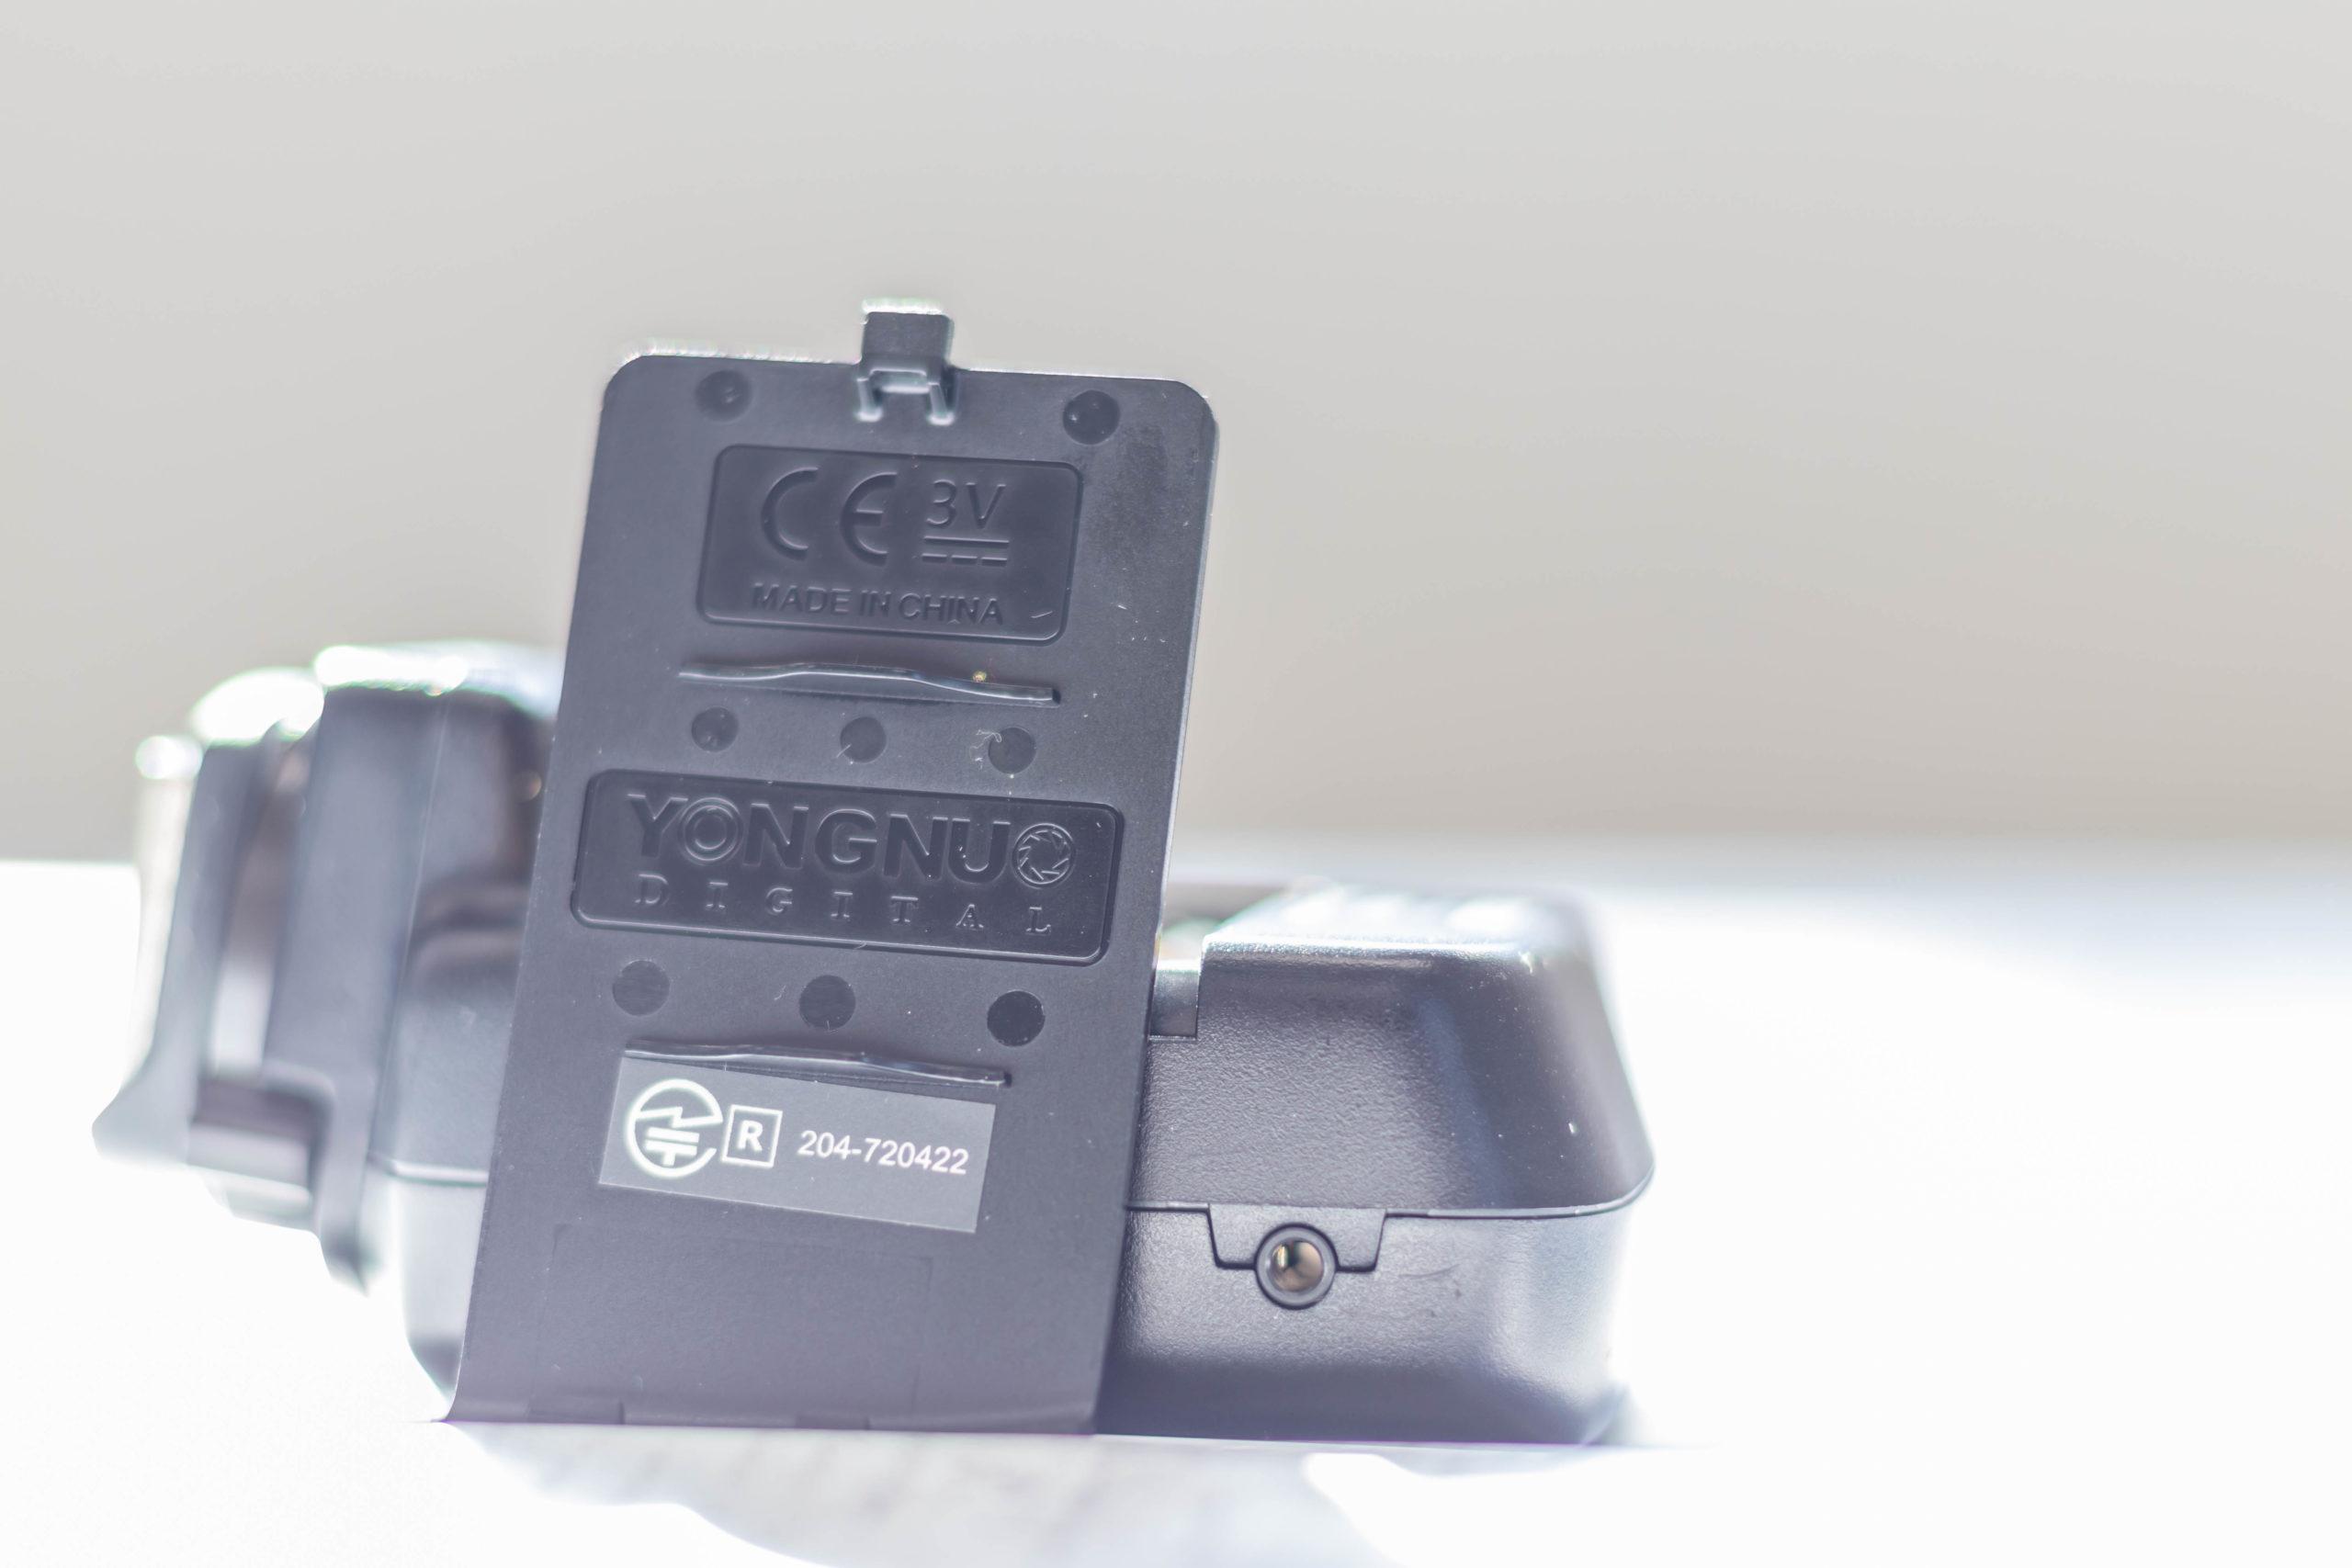 YONGNUO YN560TX II 技適マーク